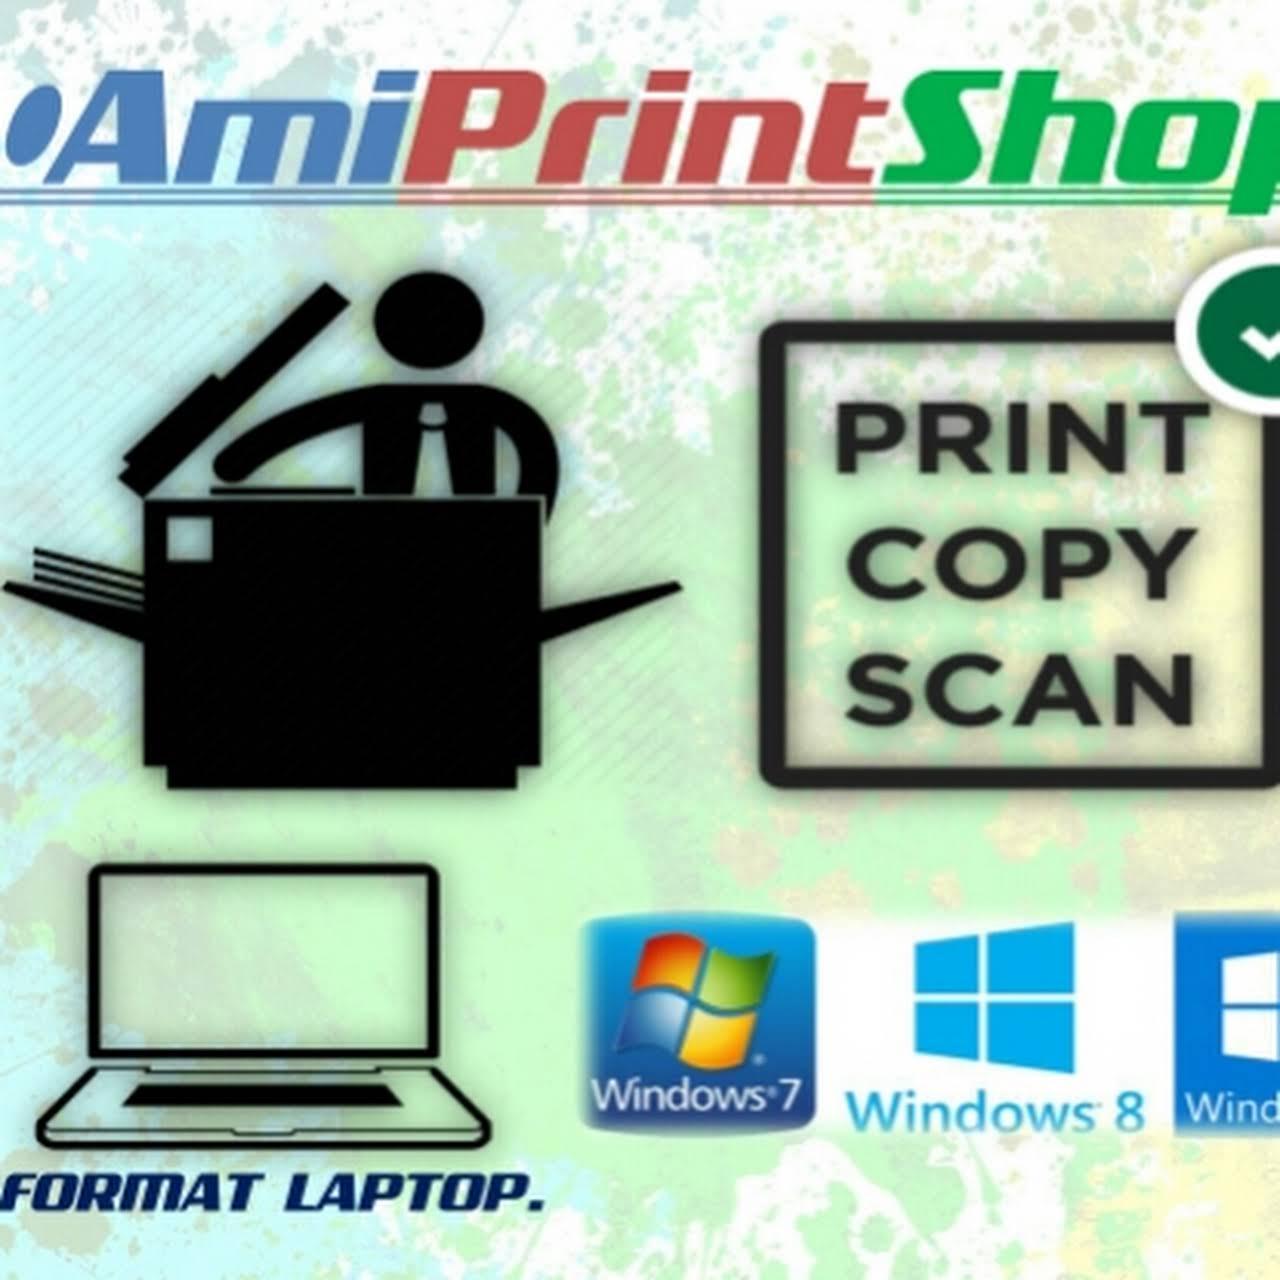 harga format laptop windows 8